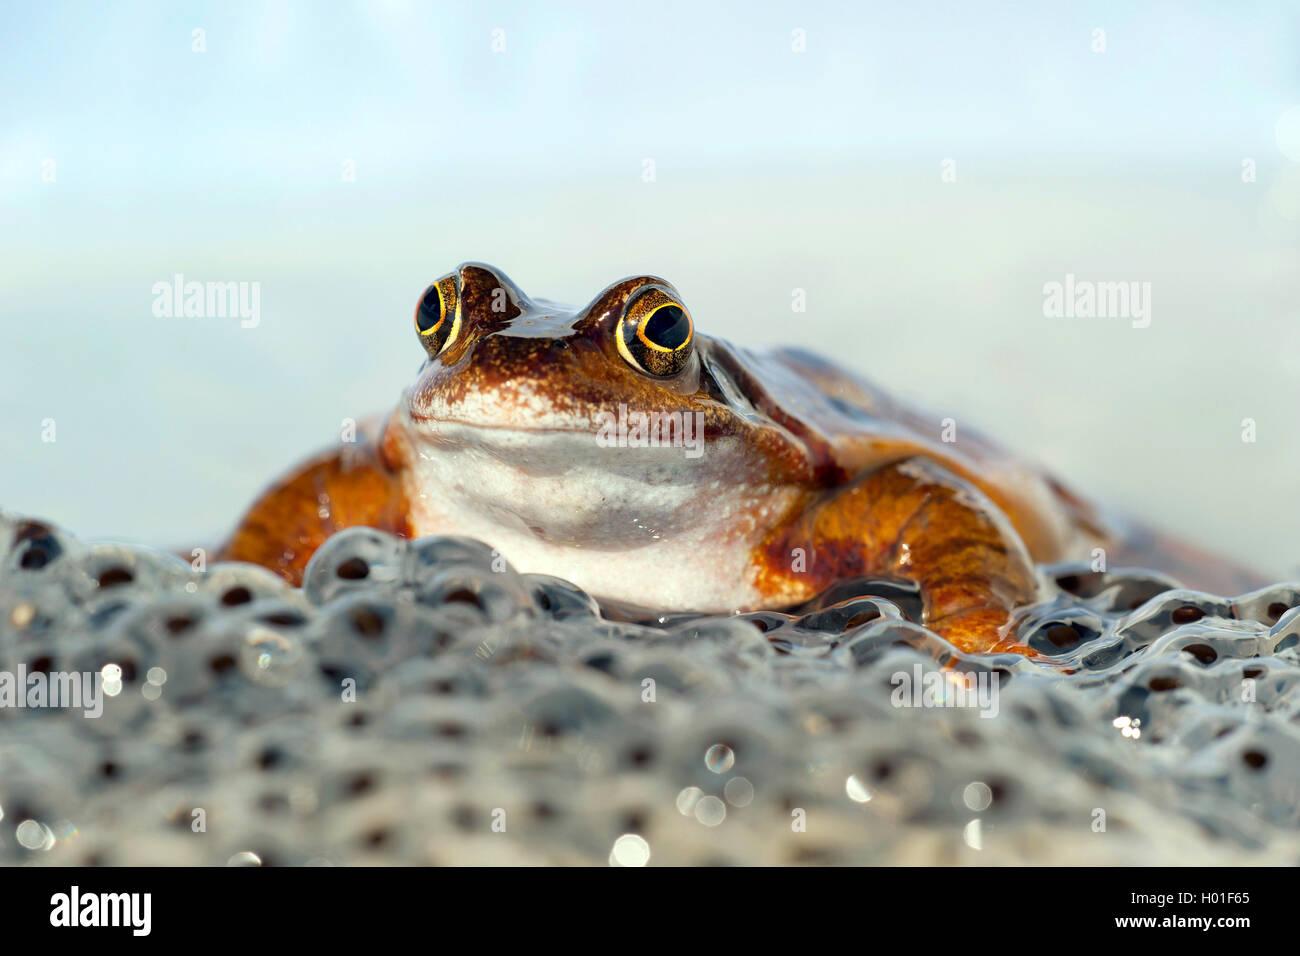 Grasfrosch, Gras-Frosch (Rana temporaria), mit Froschlaich, Deutschland | common frog, grass frog (Rana temporaria), - Stock Image